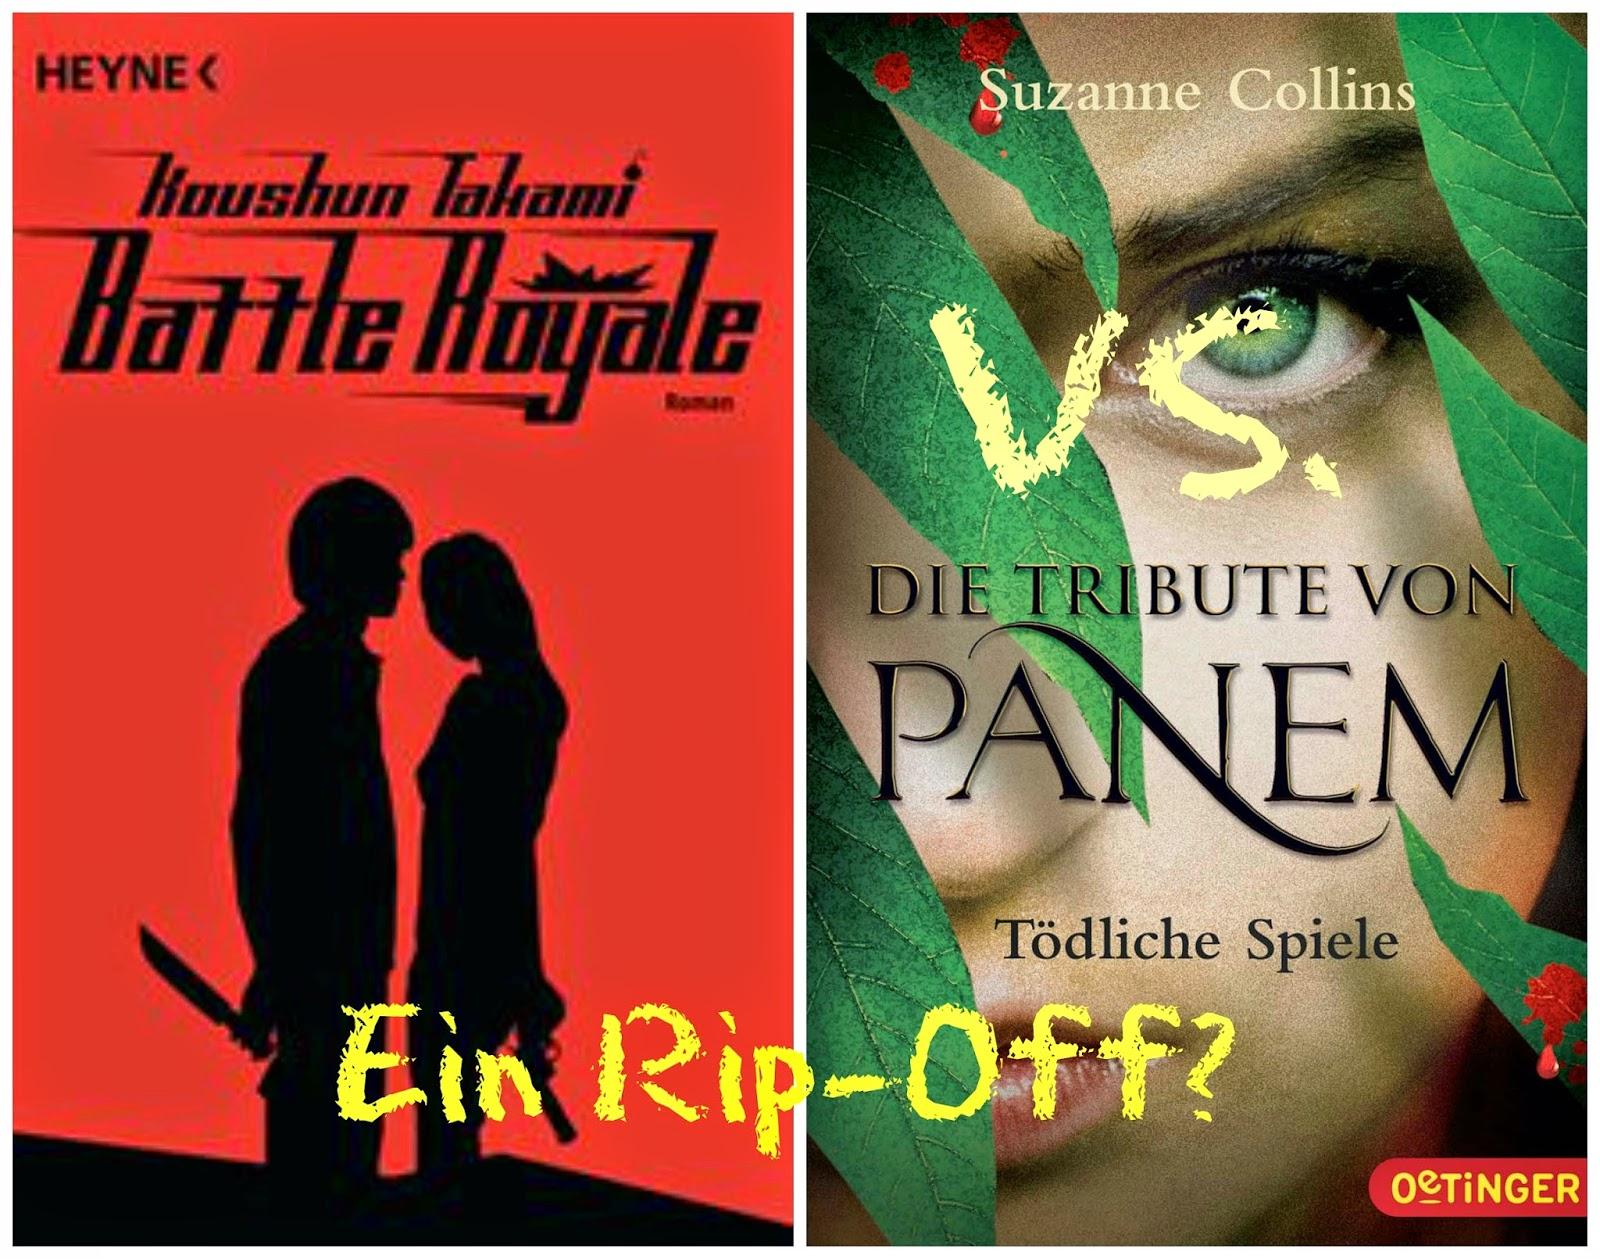 page-after-page: Battle Royale vs  Tribute von Panem - Ein